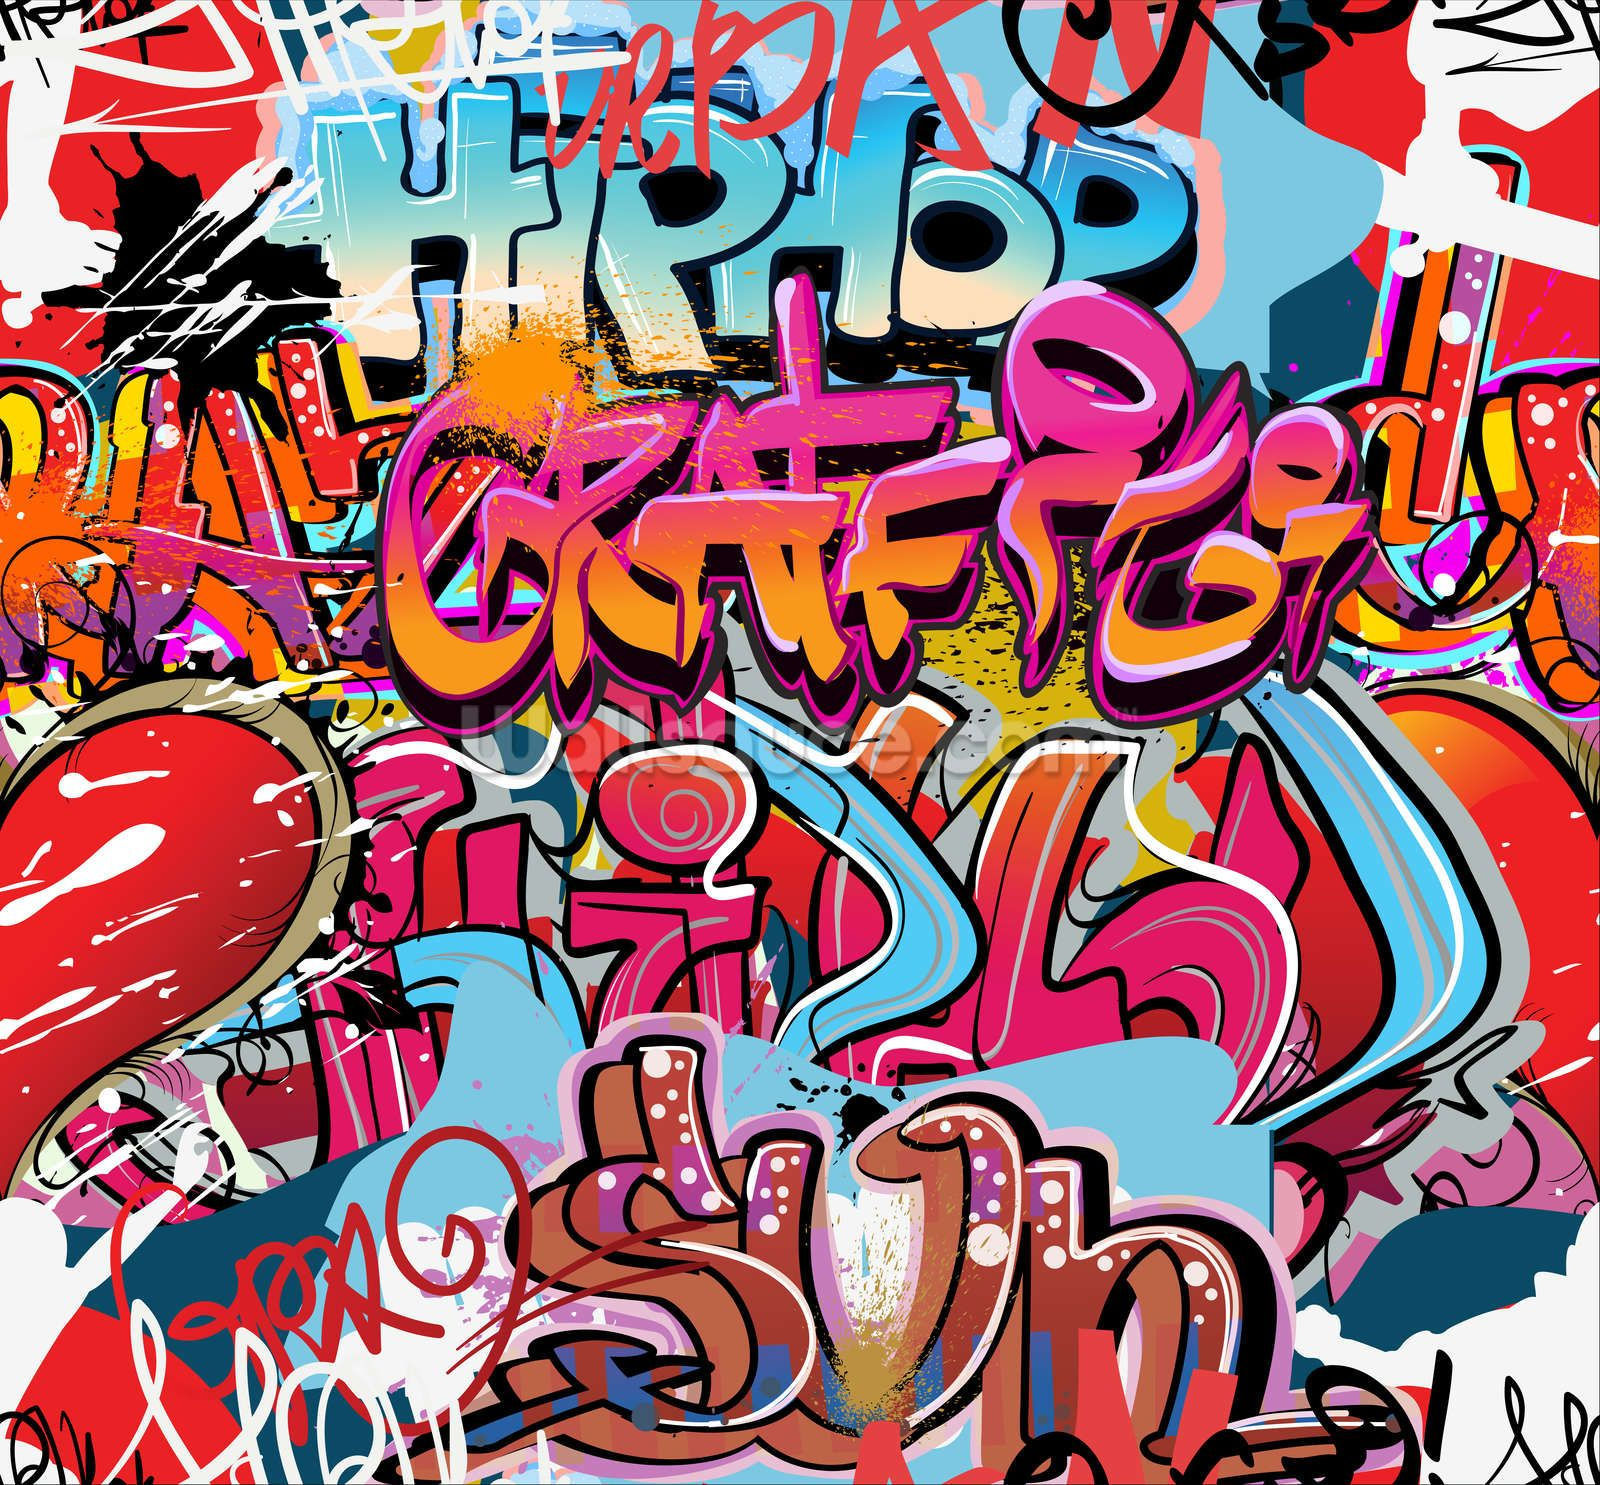 Graffiti art ideas - Hip Hop Graffiti Wall Mural